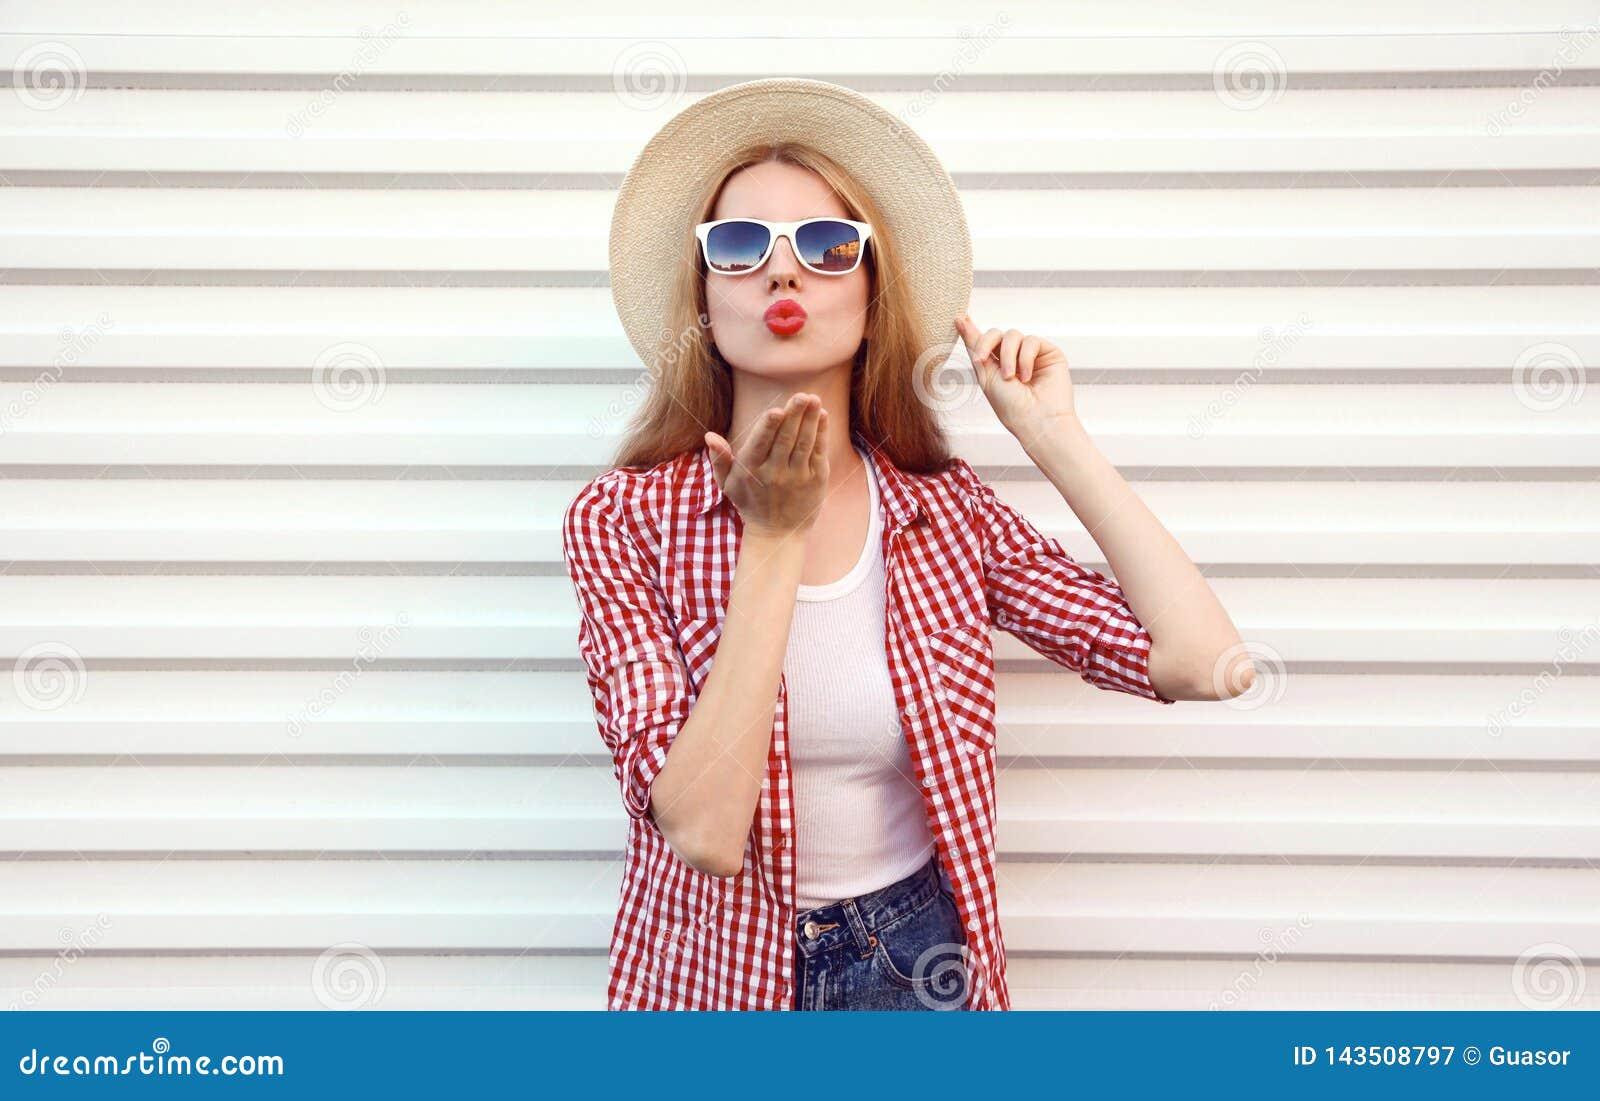 送甜空气亲吻的画象年轻女人吹在夏天回合草帽,在白色墙壁上的方格的衬衣的红色嘴唇